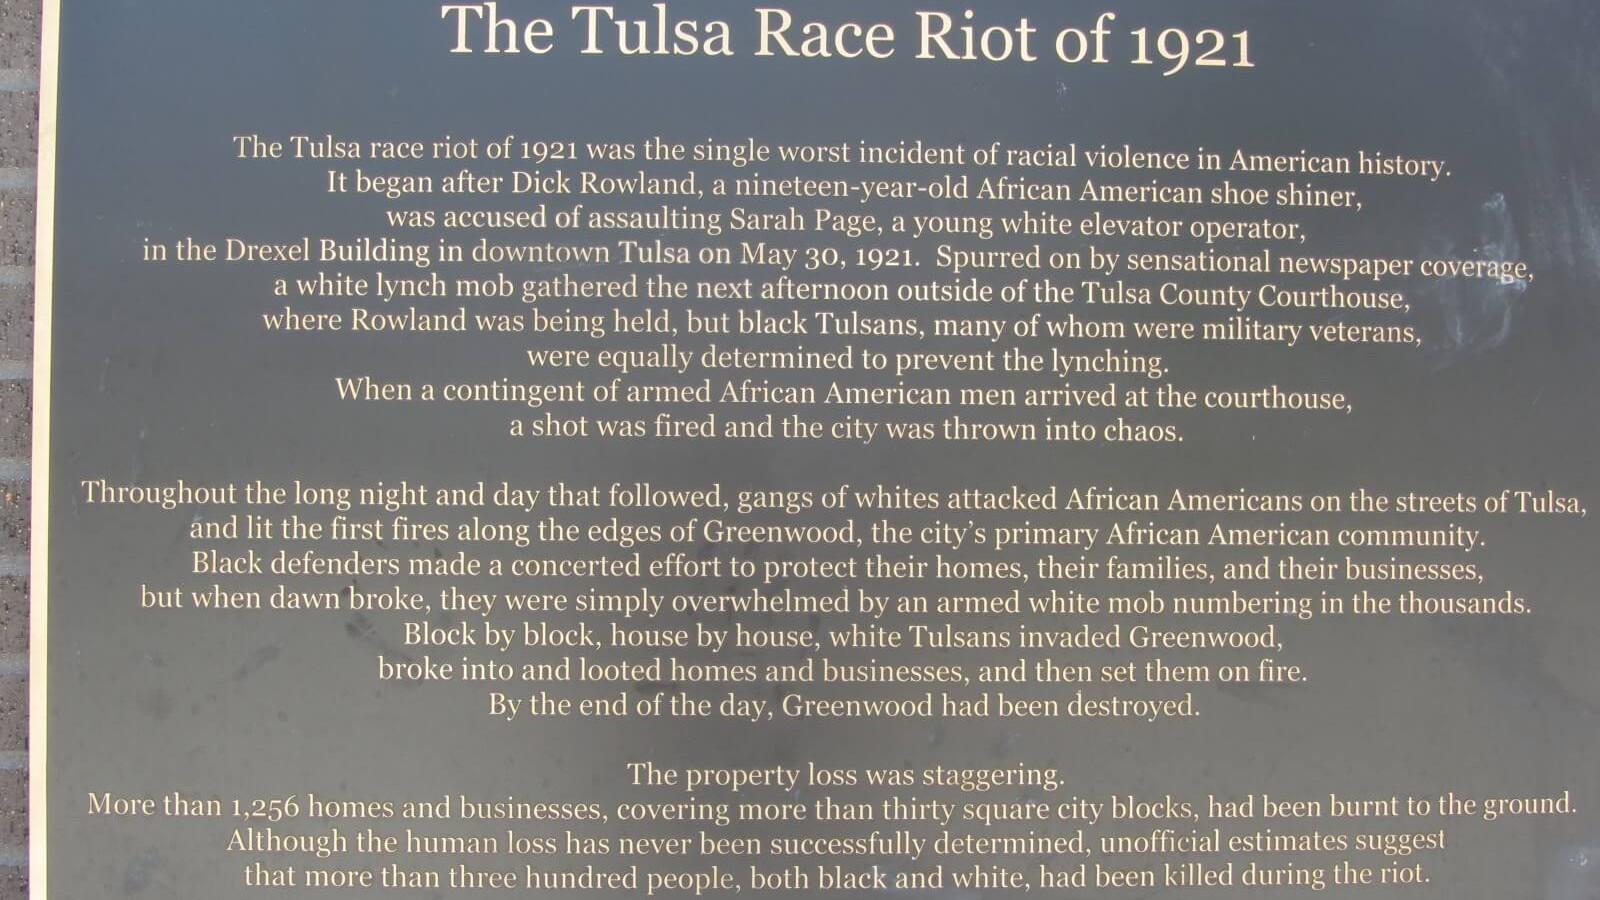 Tulsa-race-riots-beginning